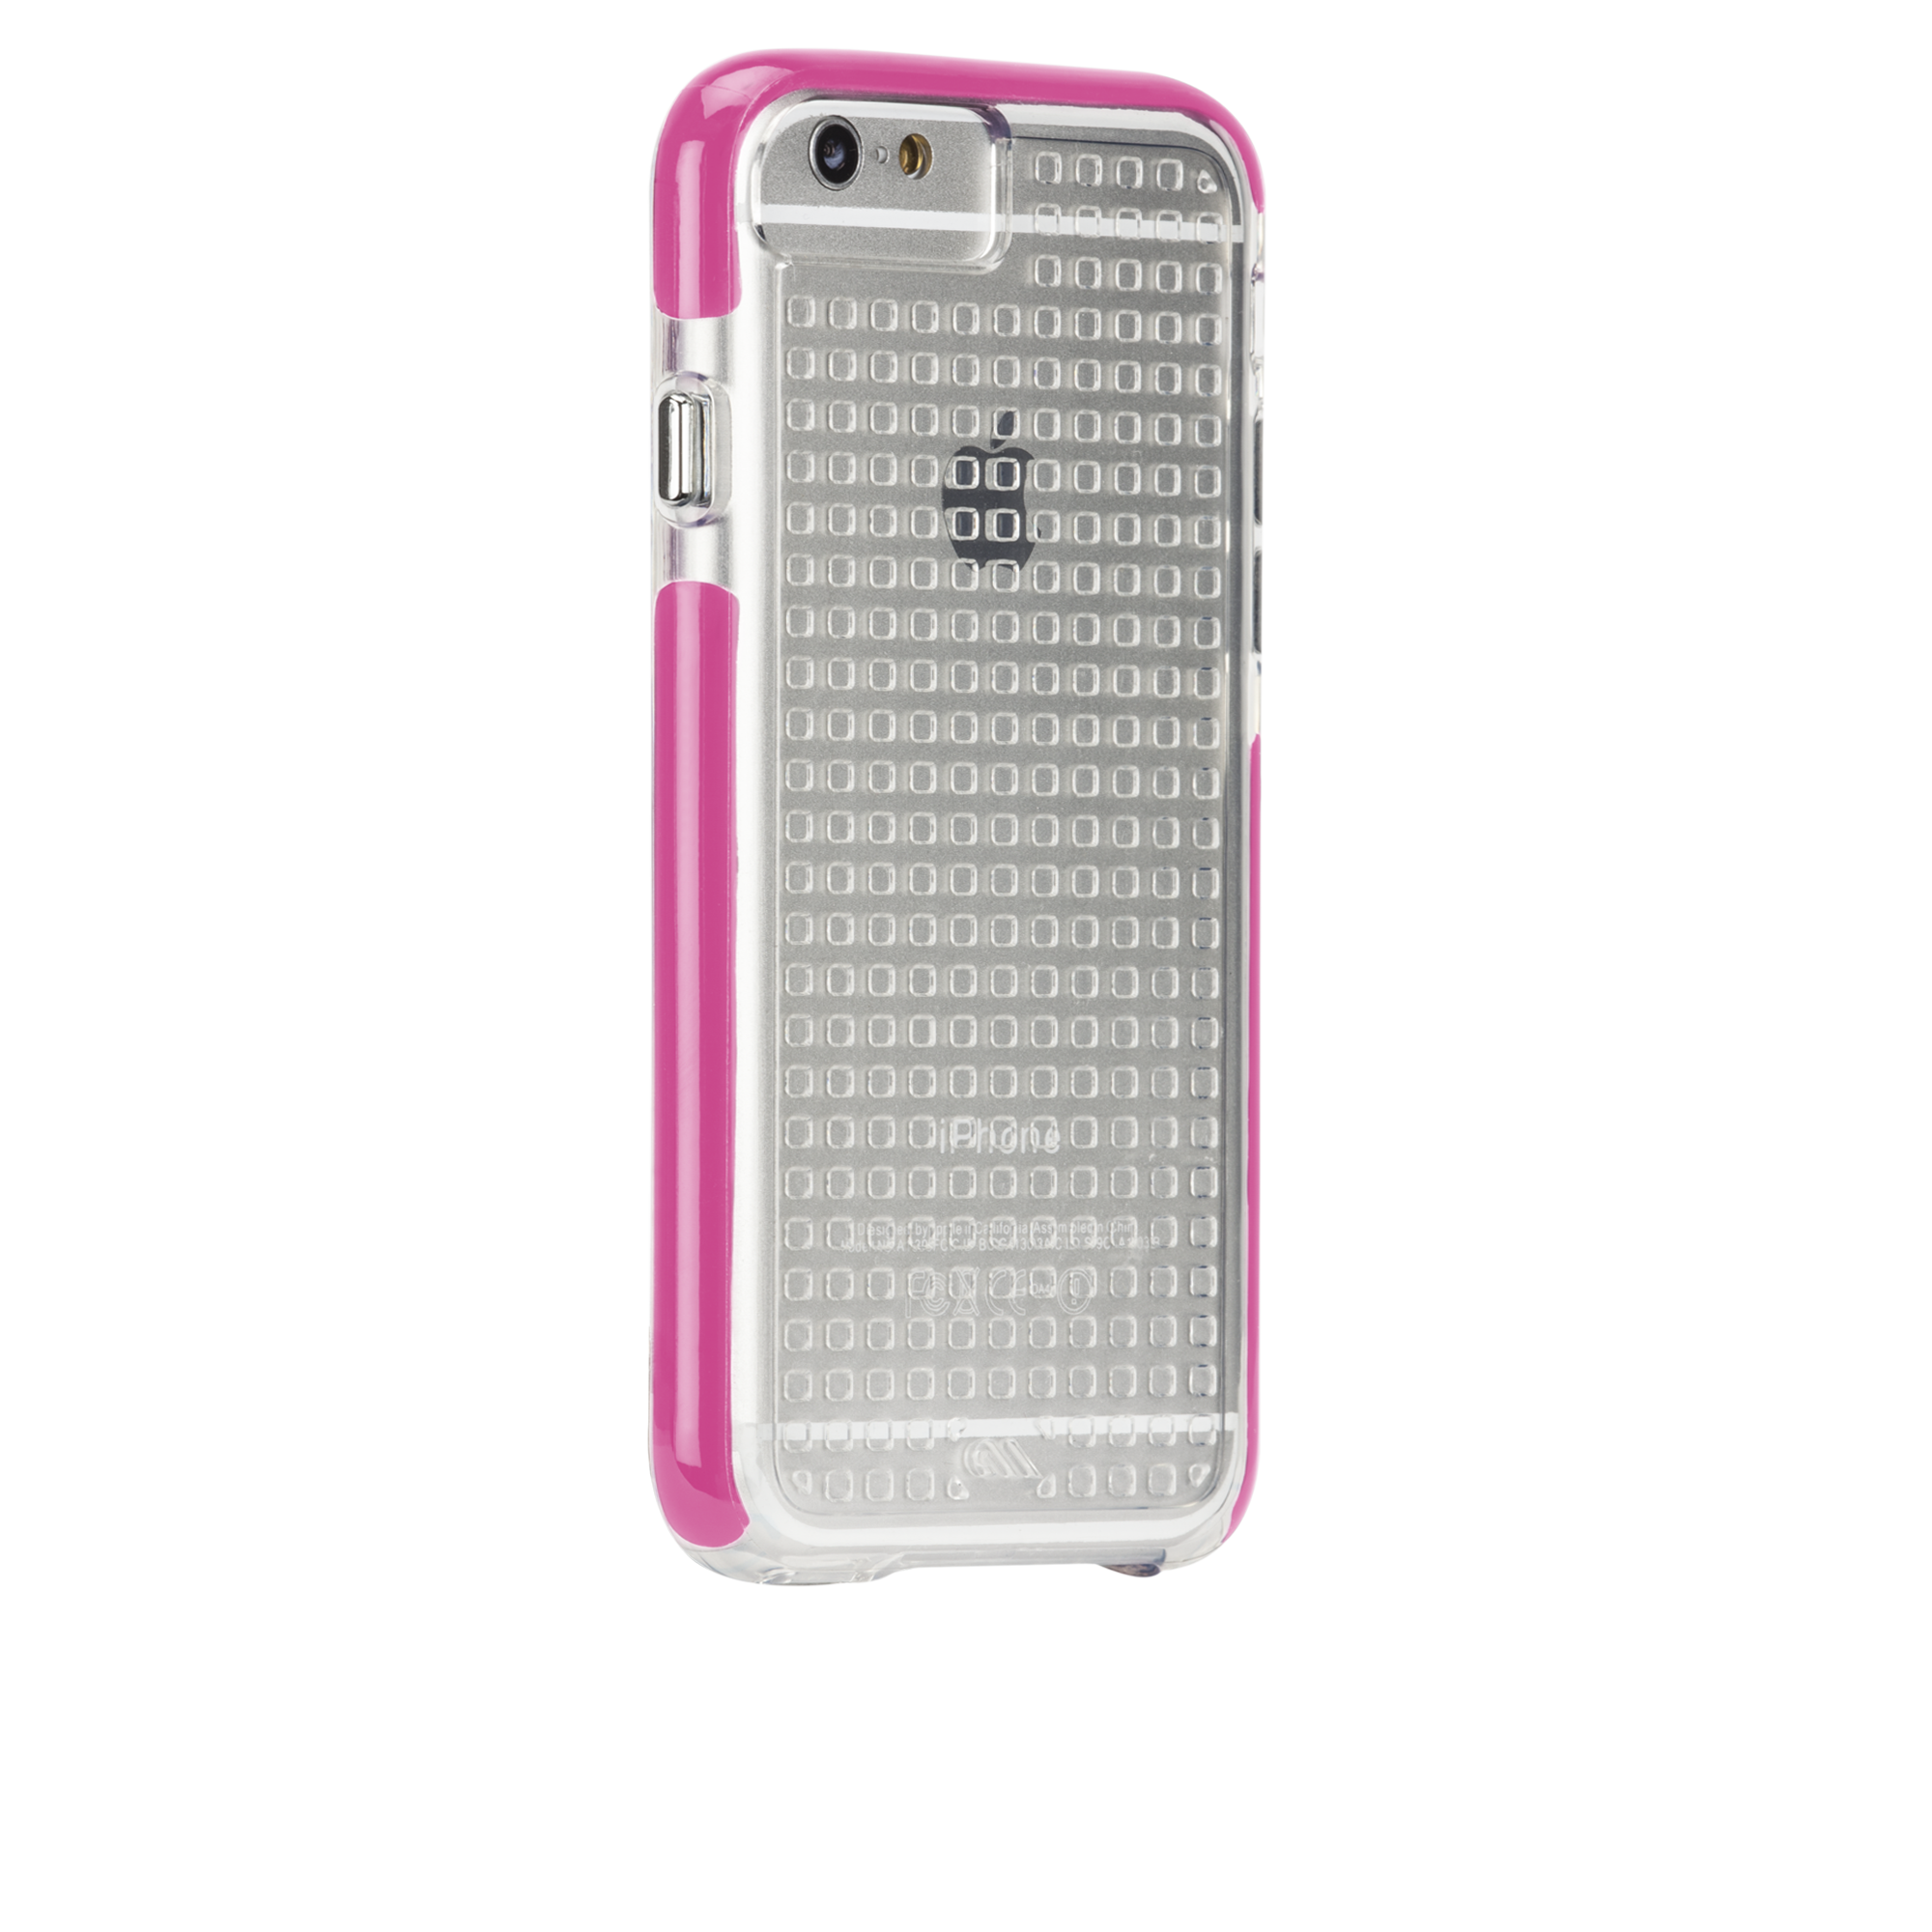 Tough Air Case - Clear & Pink